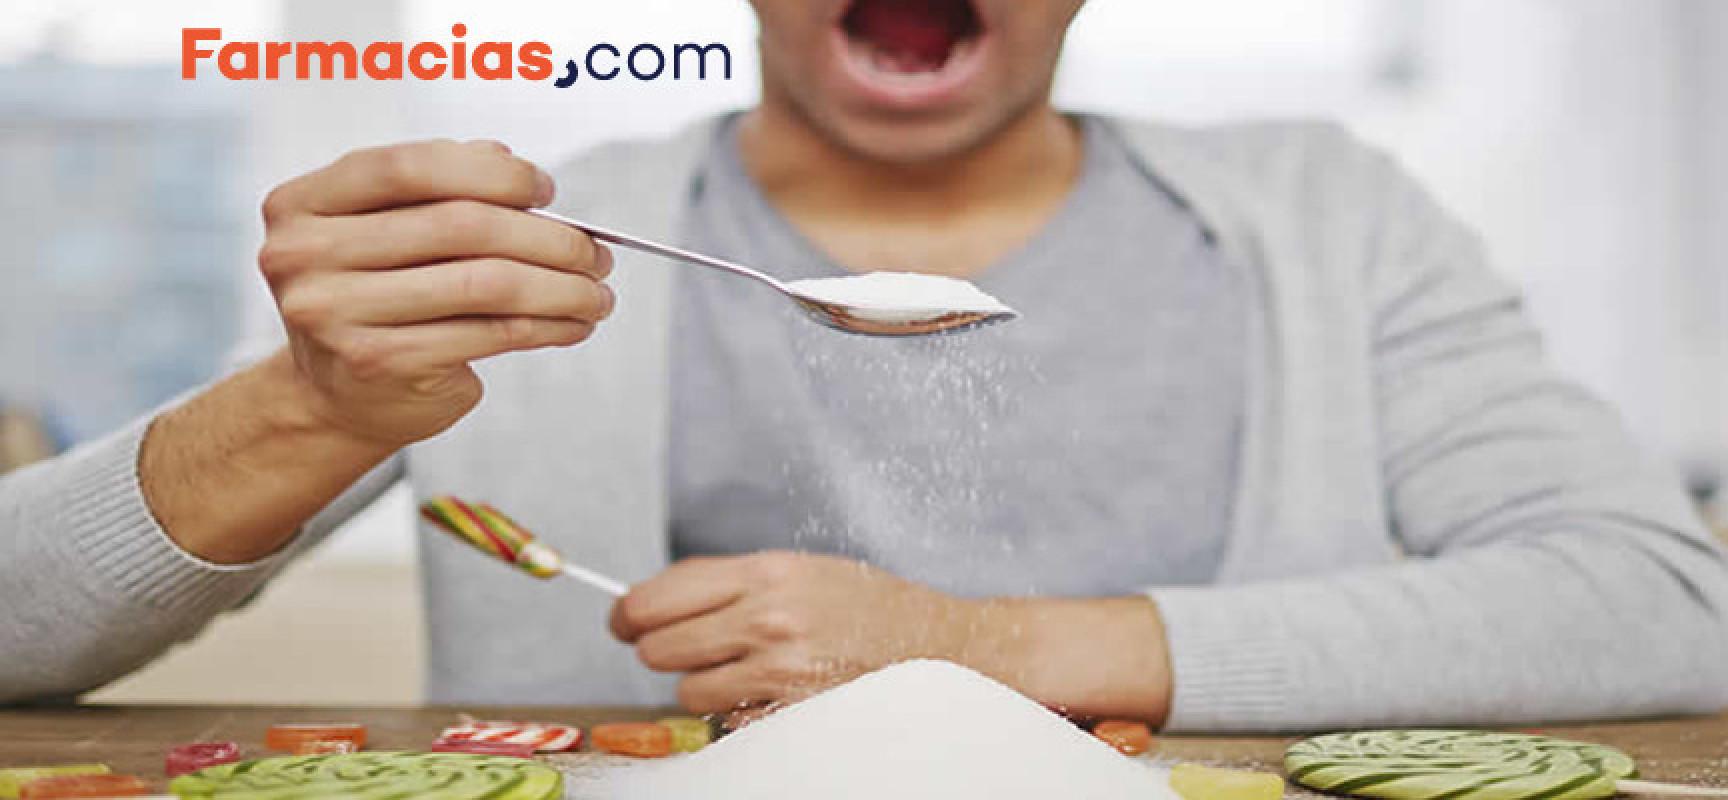 Los 5 alimentos más adictivos: ¿por qué?